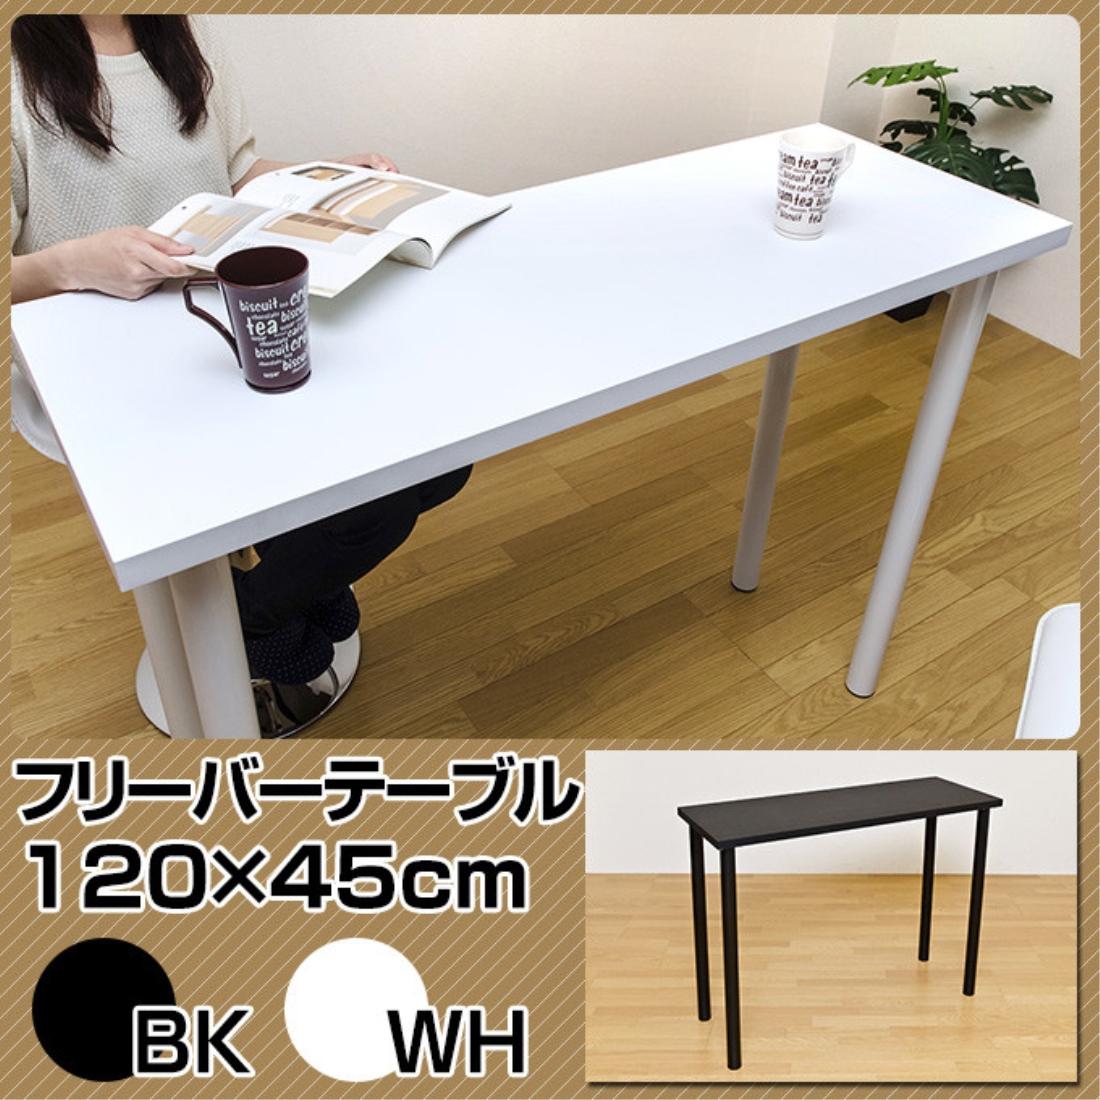 【離島・日時指定不可】フリーバーテーブル 120x45